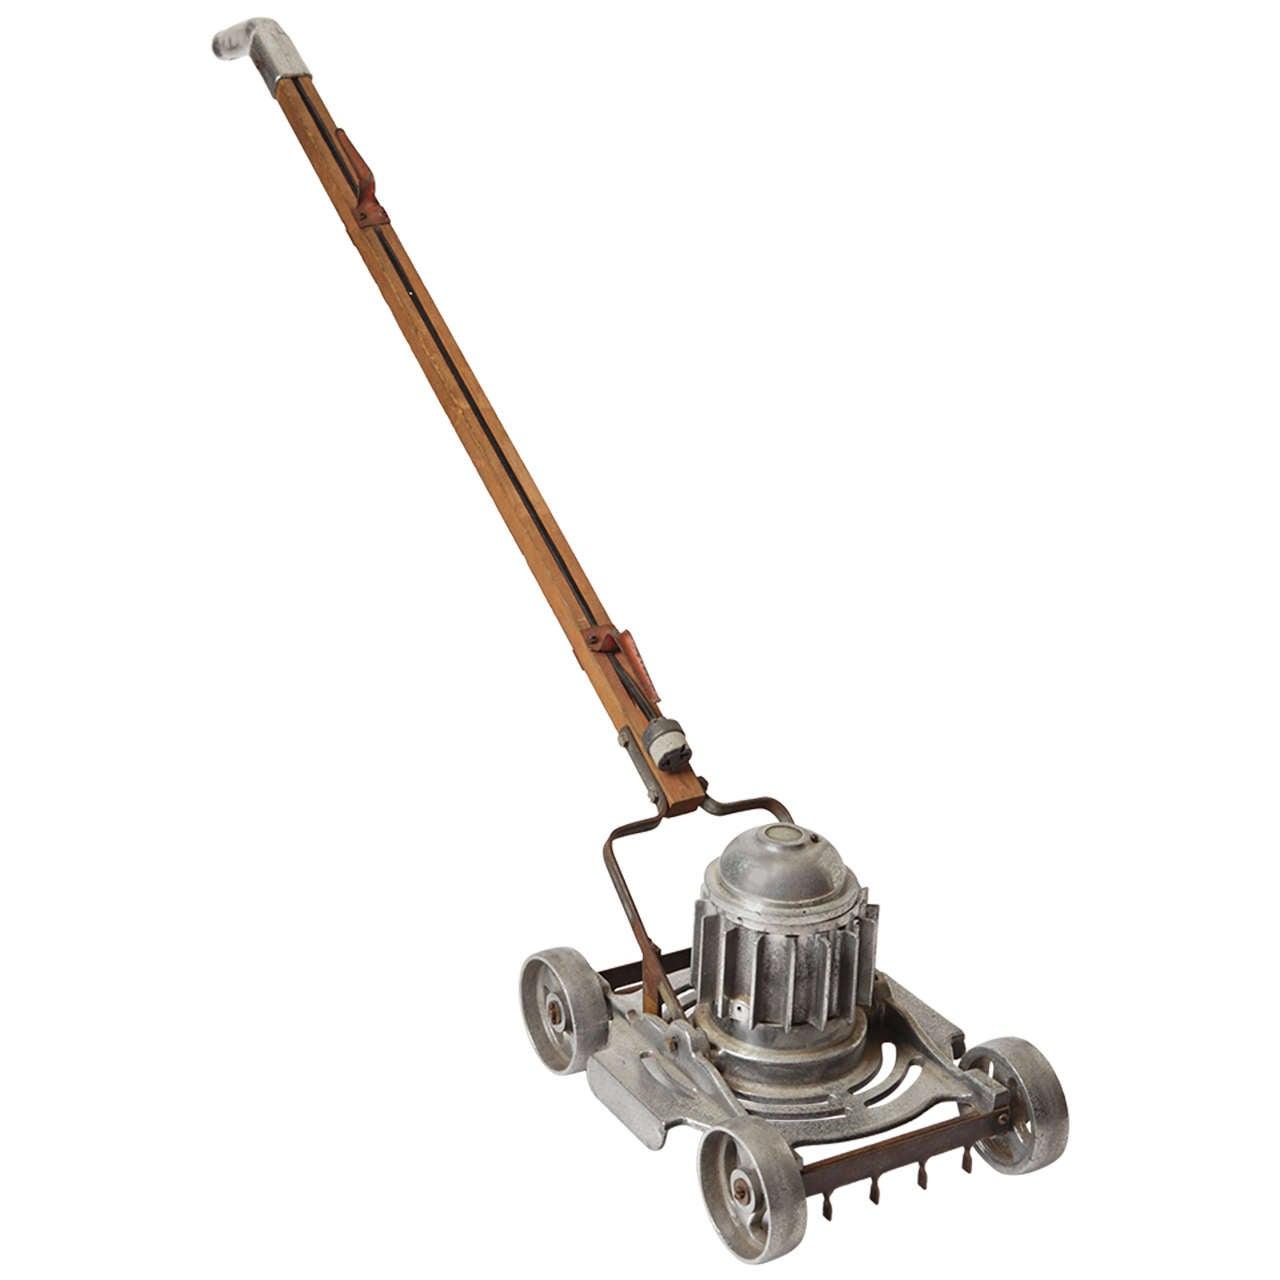 Machine Age, Art Deco, Industrial Design, Cast Aluminum Lawn Mower For Sale